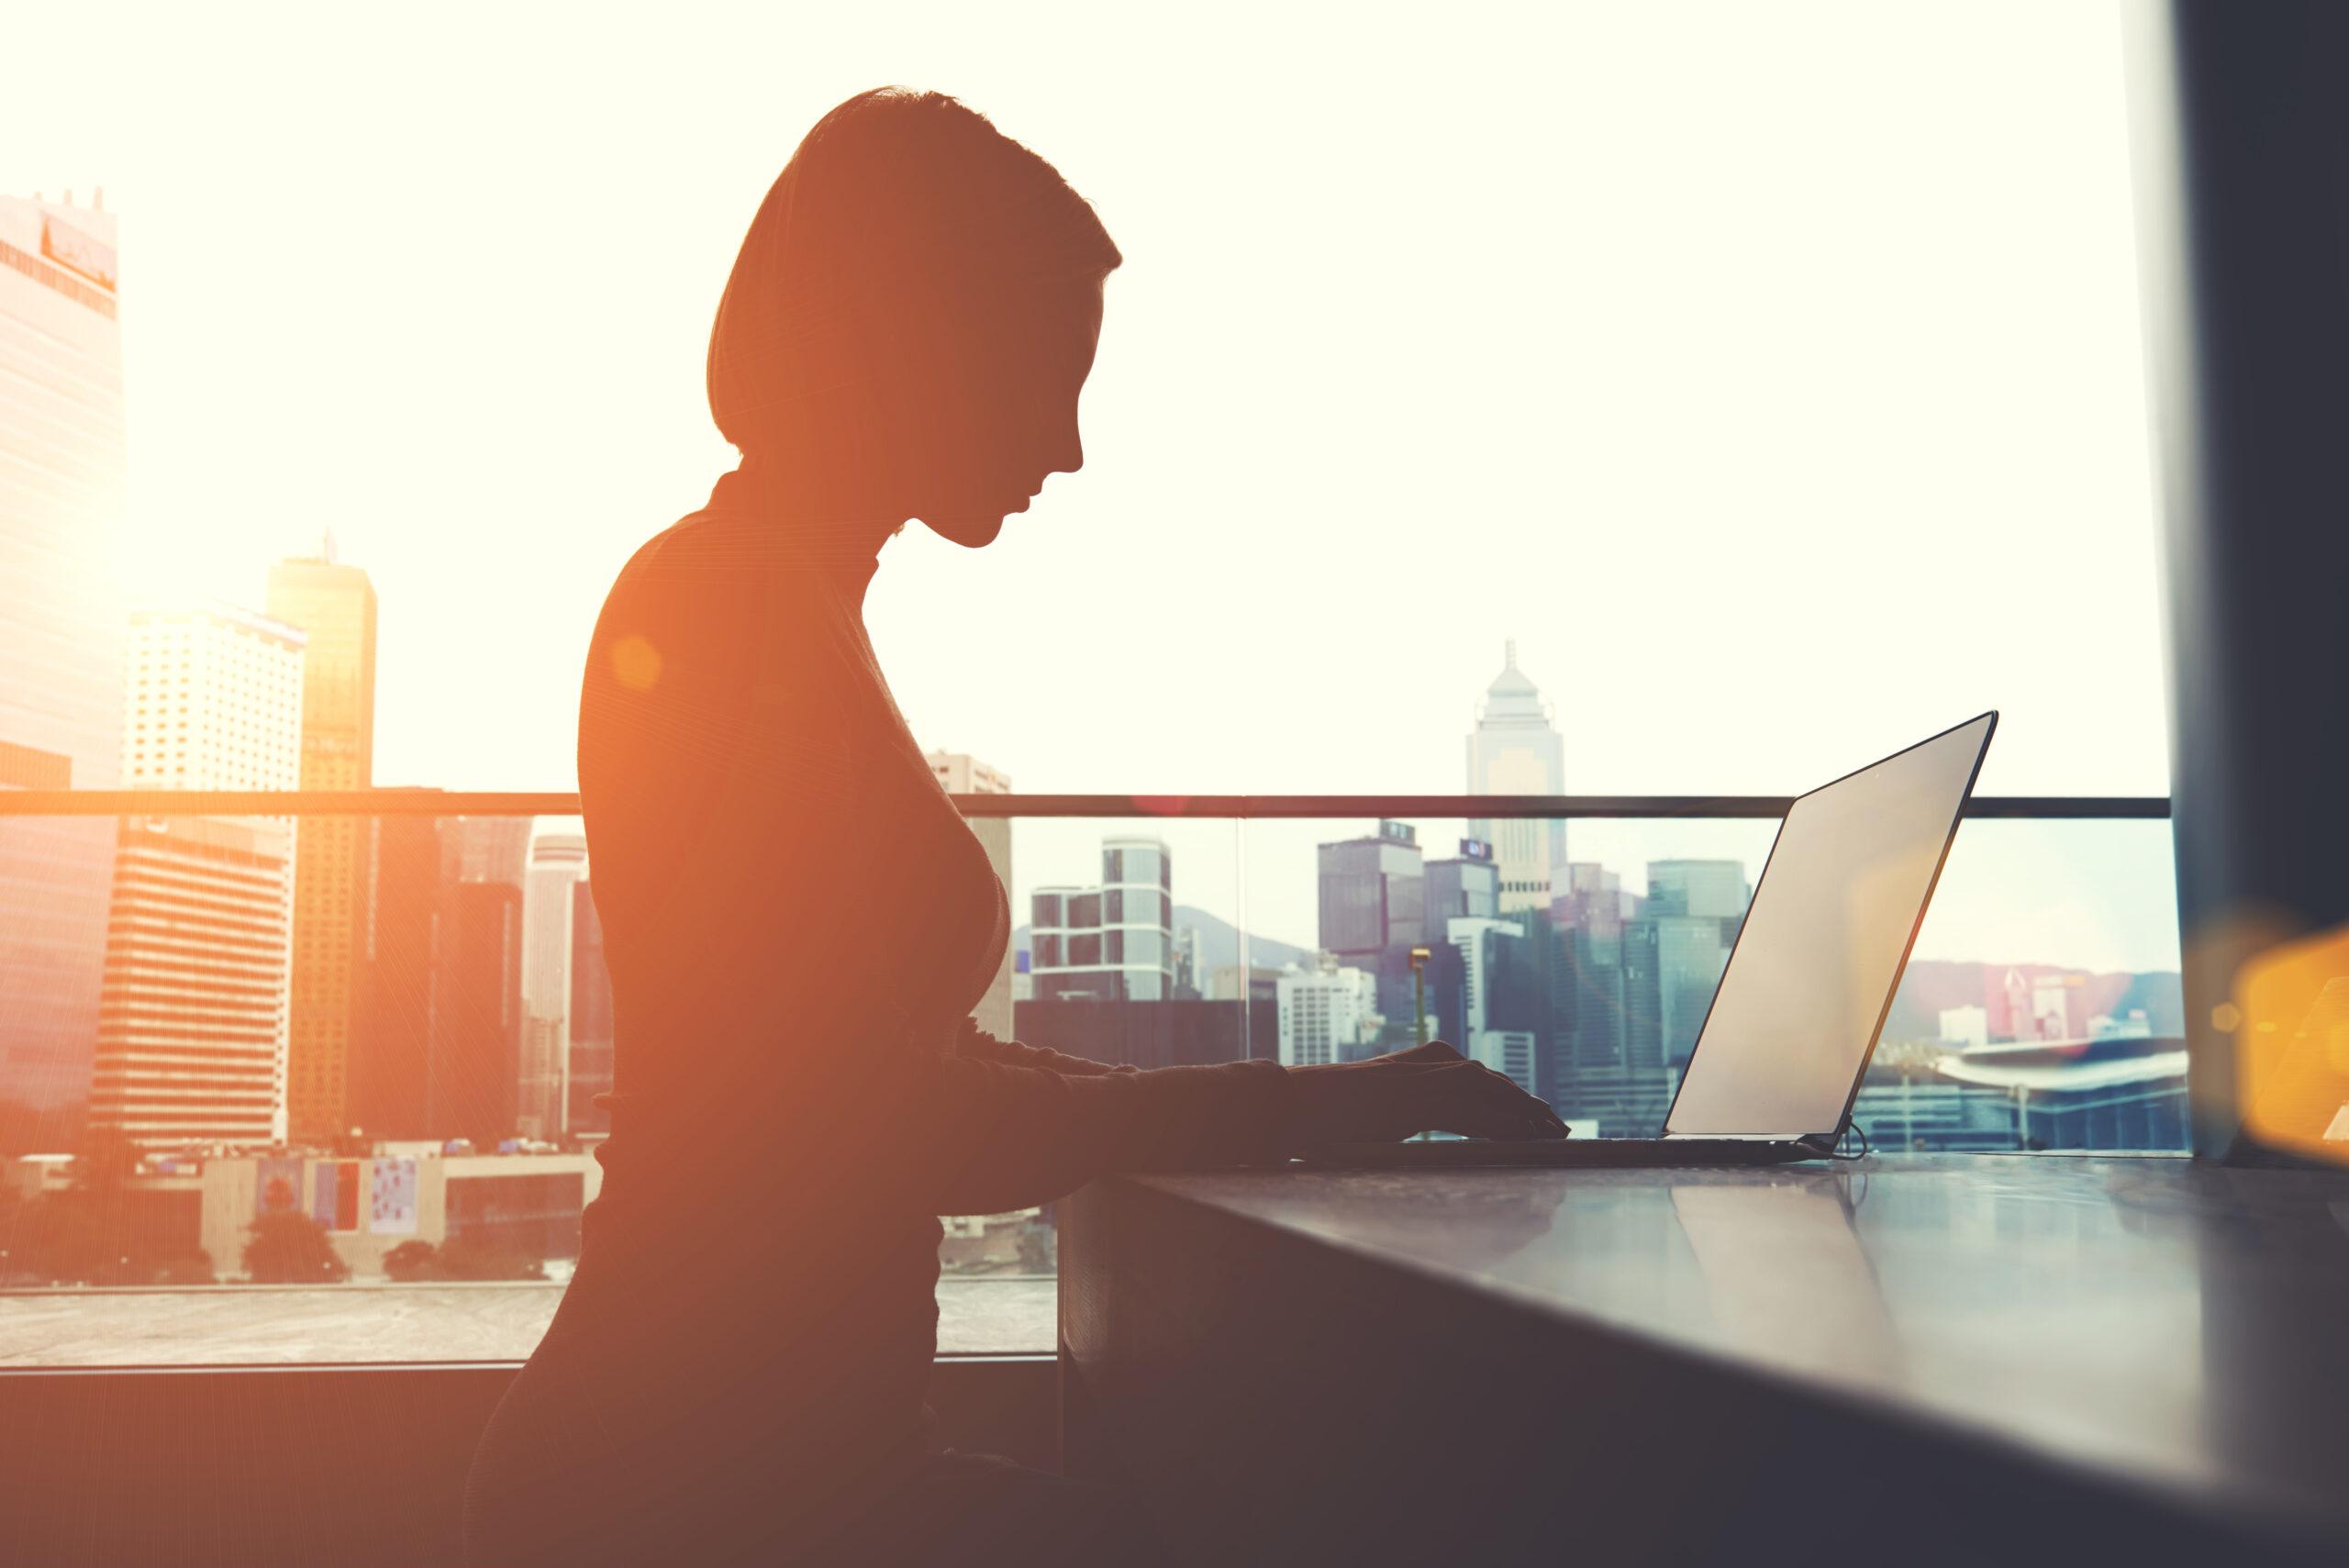 El 25% de las empresas creadas en Brasil están lideradas por mujeres